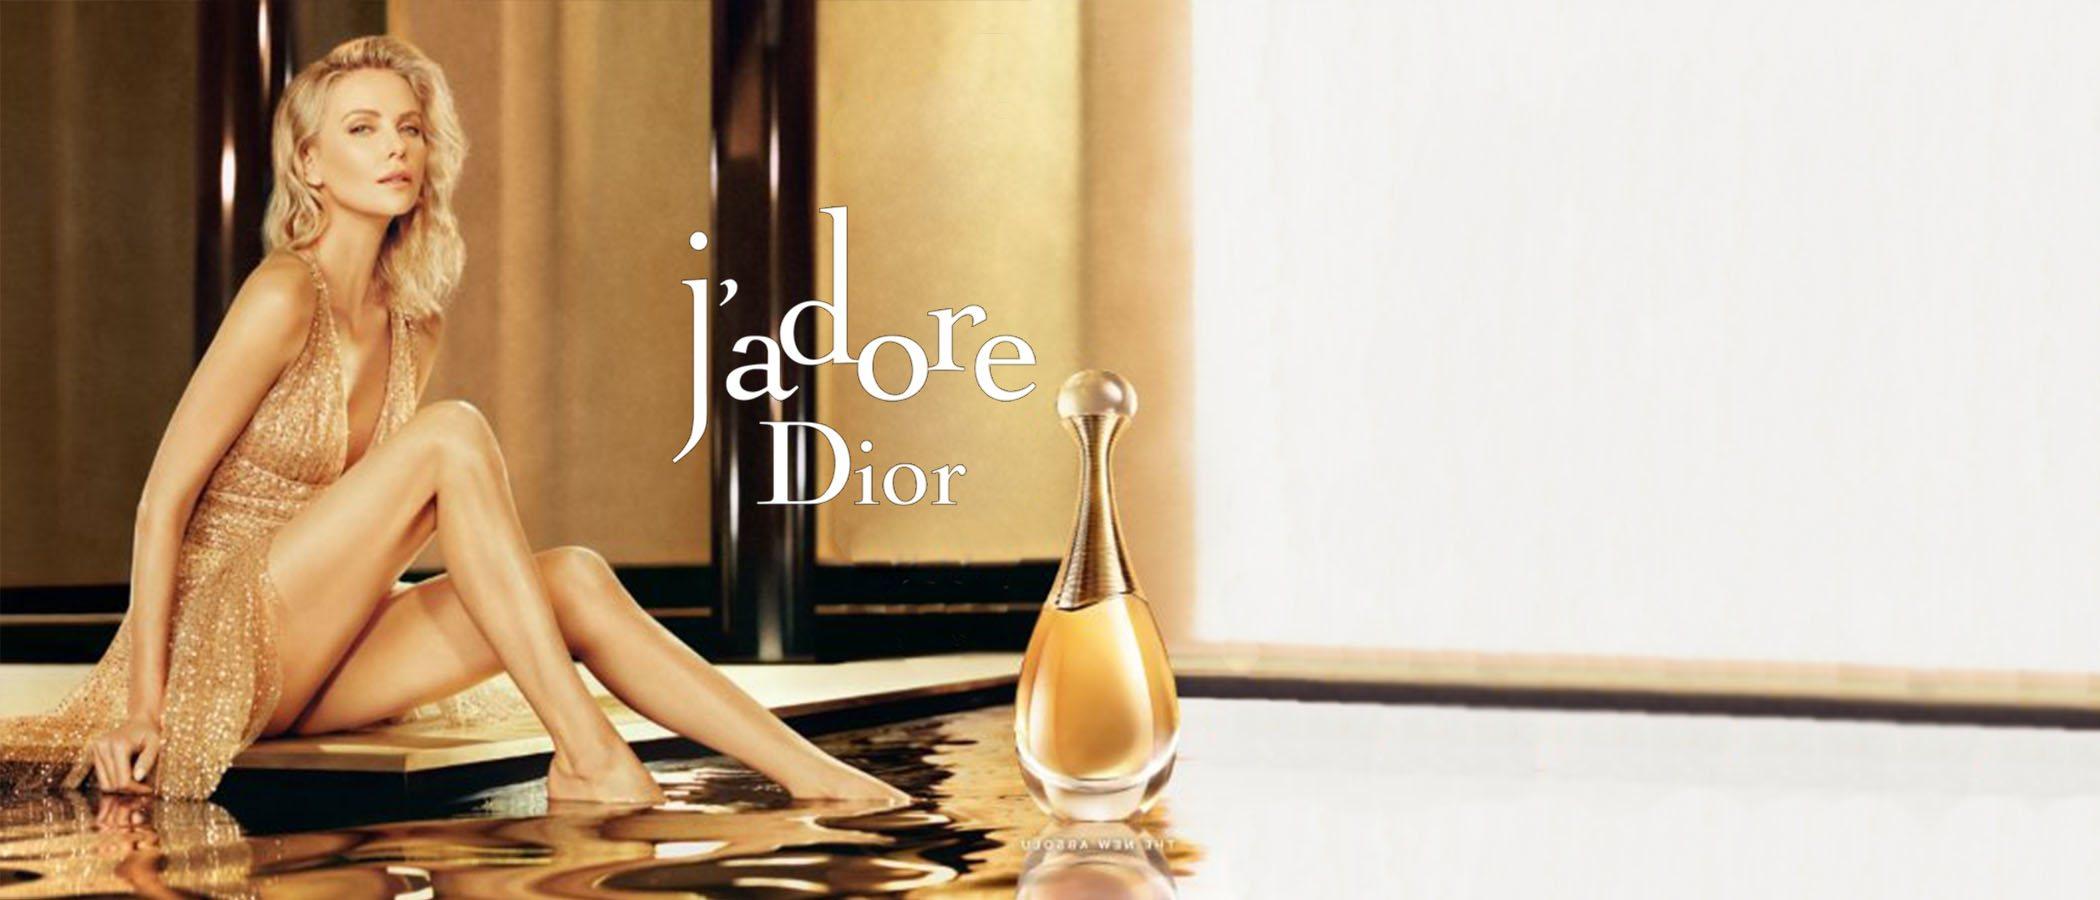 Charlize Theron vuelve a ser la musa dorada de Dior para la nueva campaña de su fragancia: 'J'Adore Absolu'